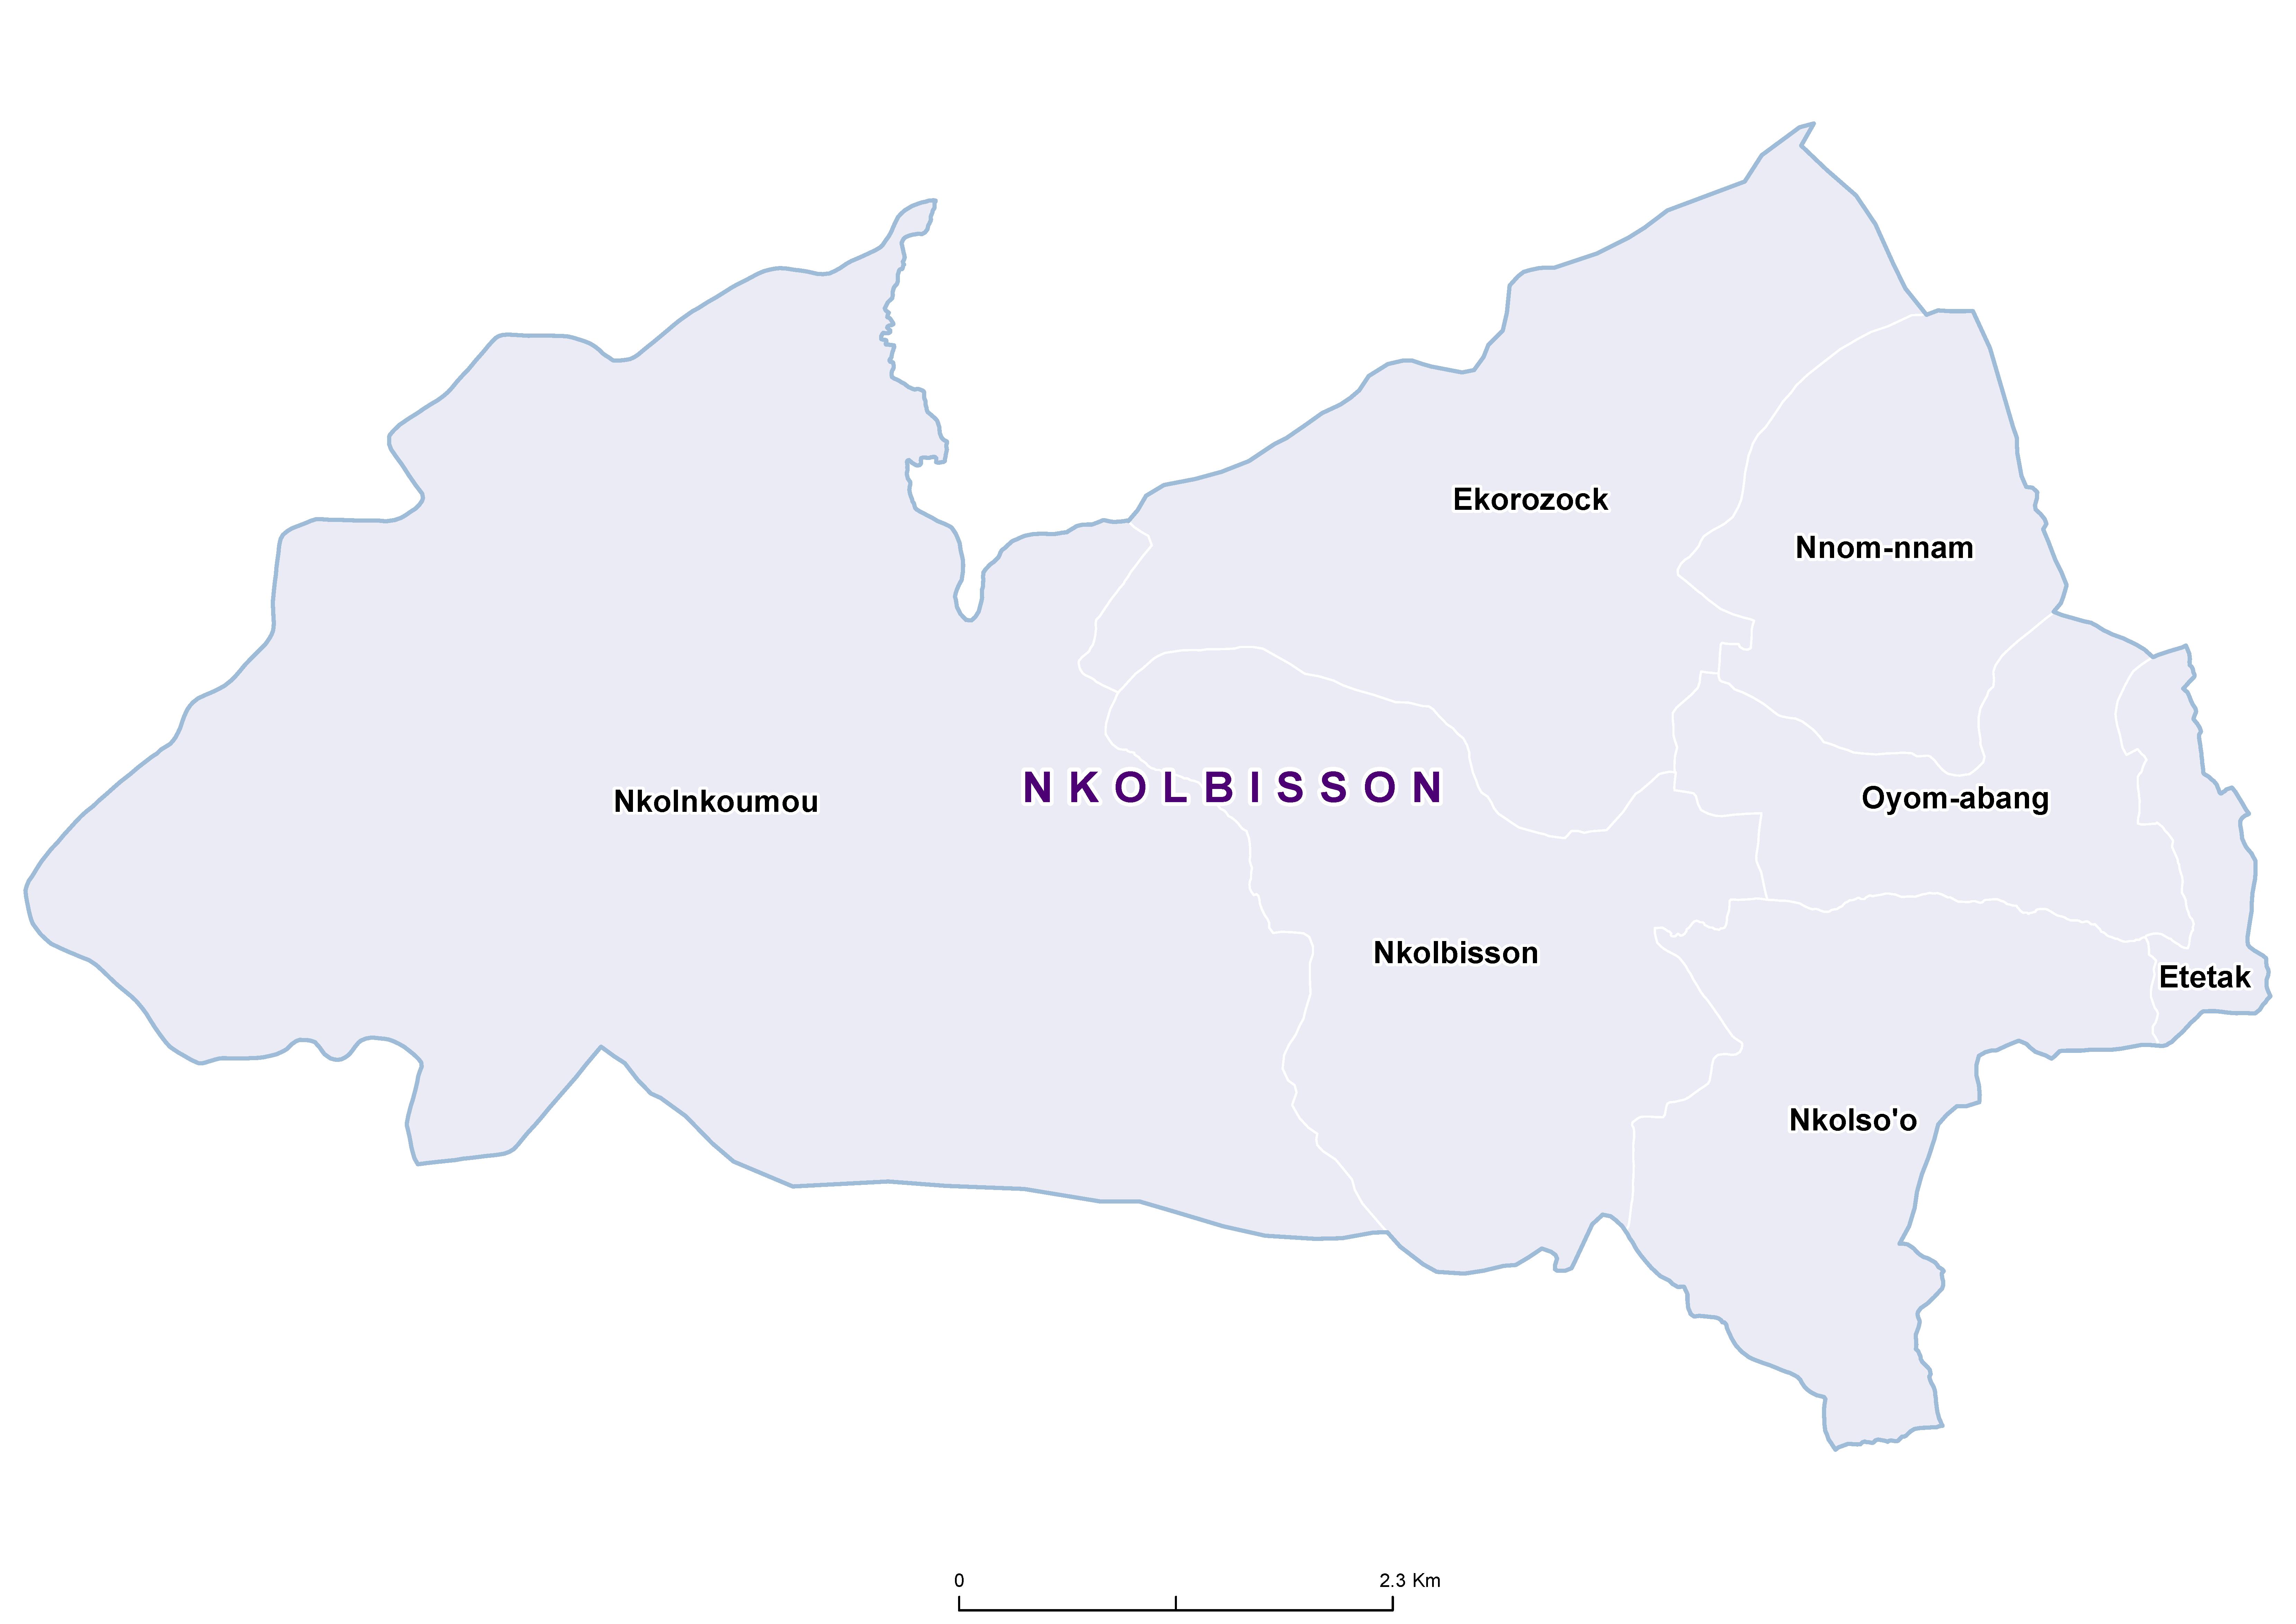 Nkolbisson SCH 19850001